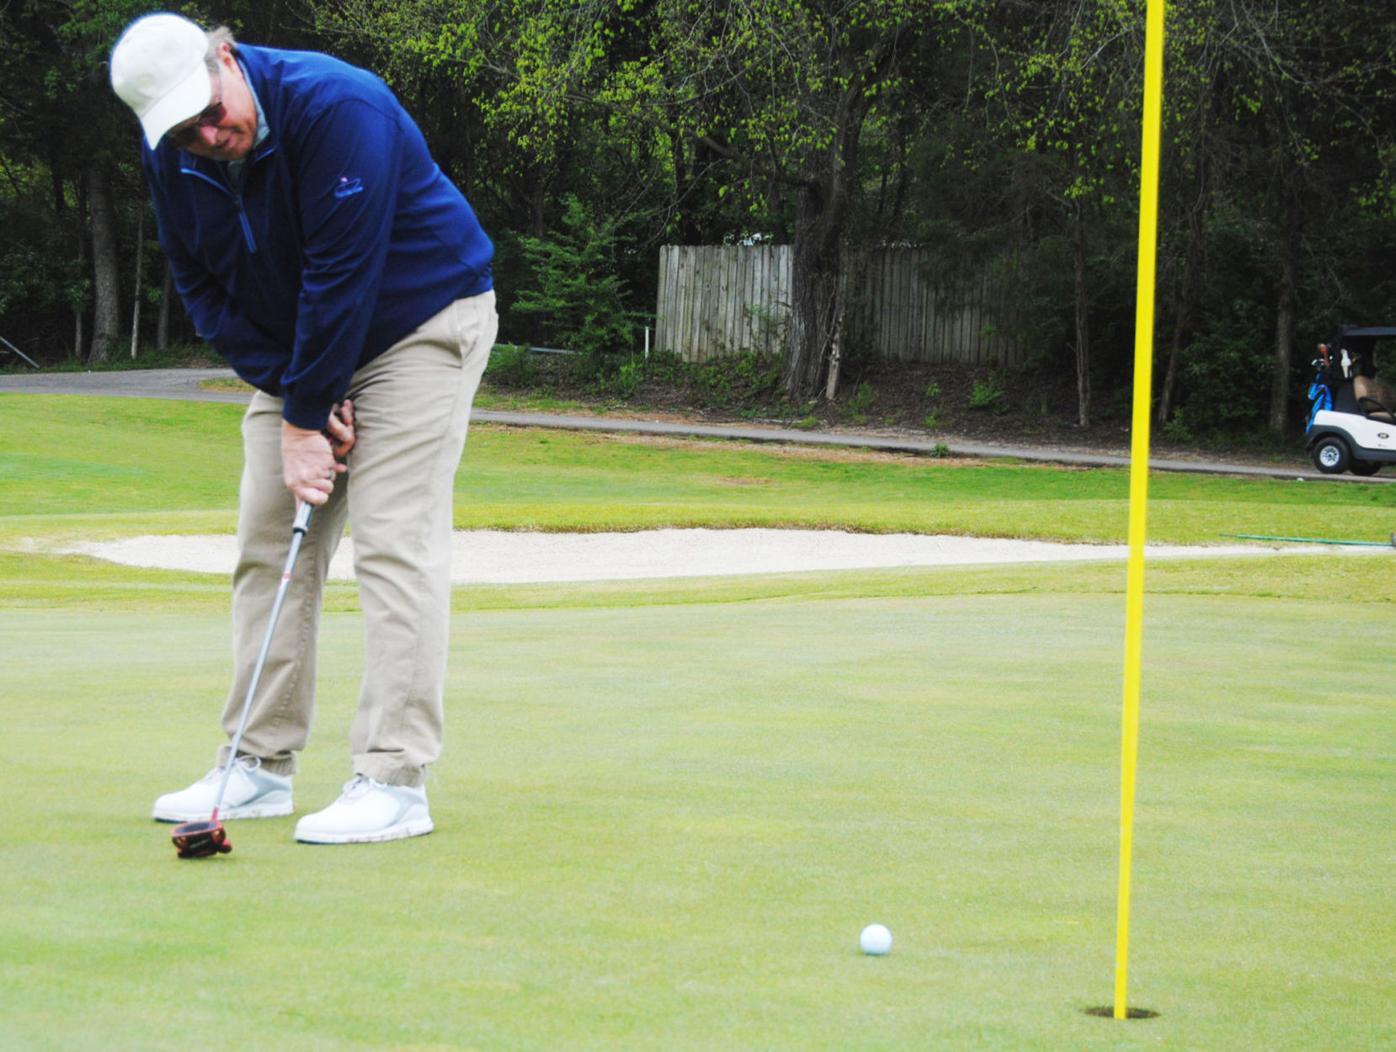 Golf benefits children